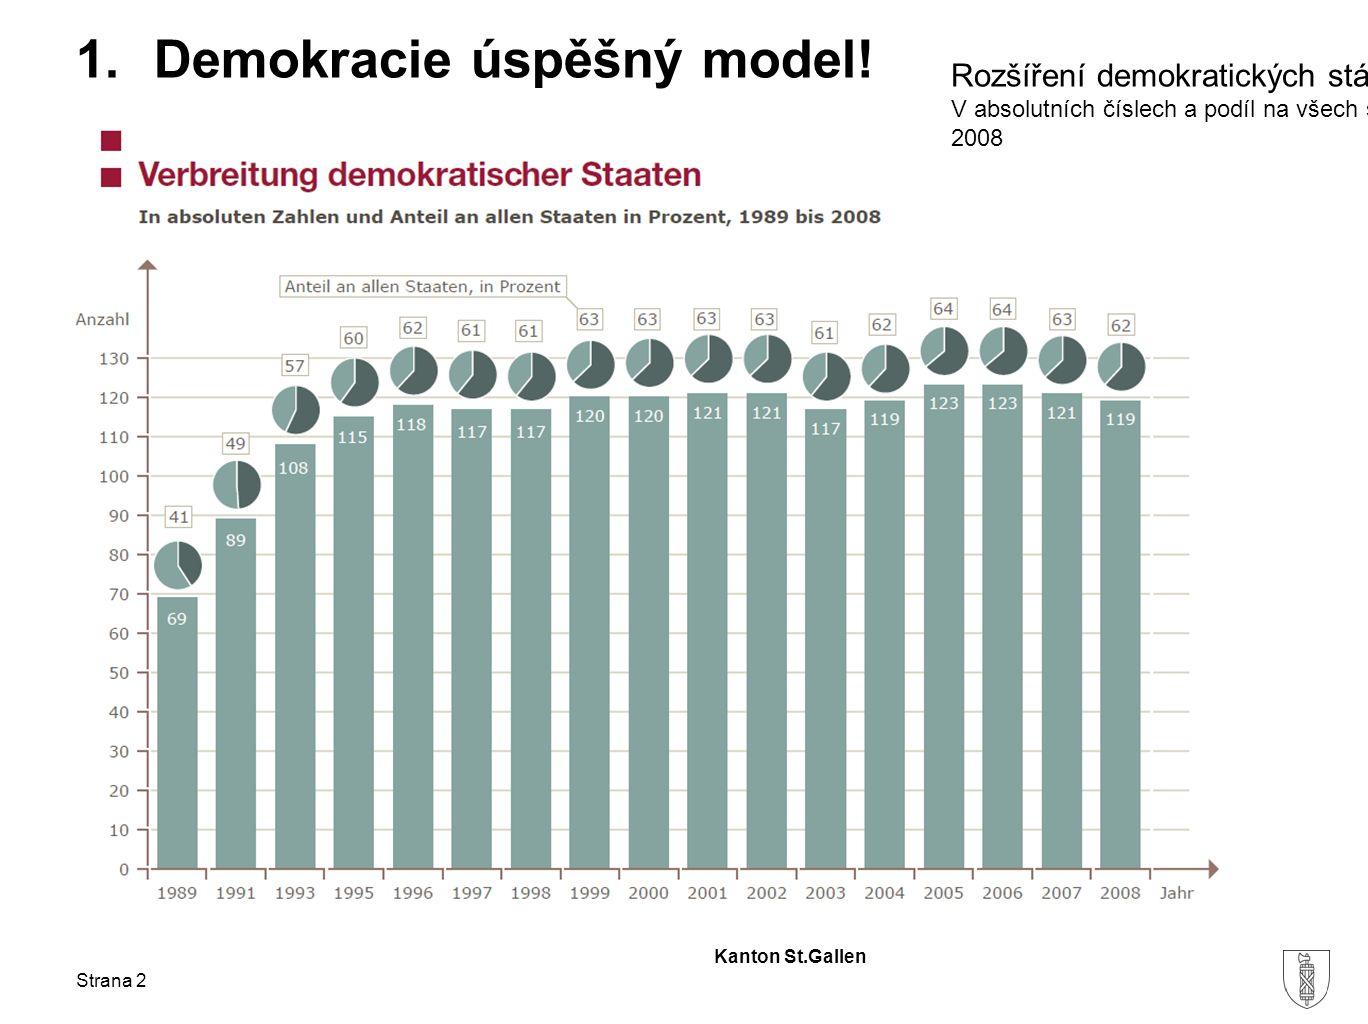 Kanton St.Gallen Demokracie úspěšný model? Strana 3